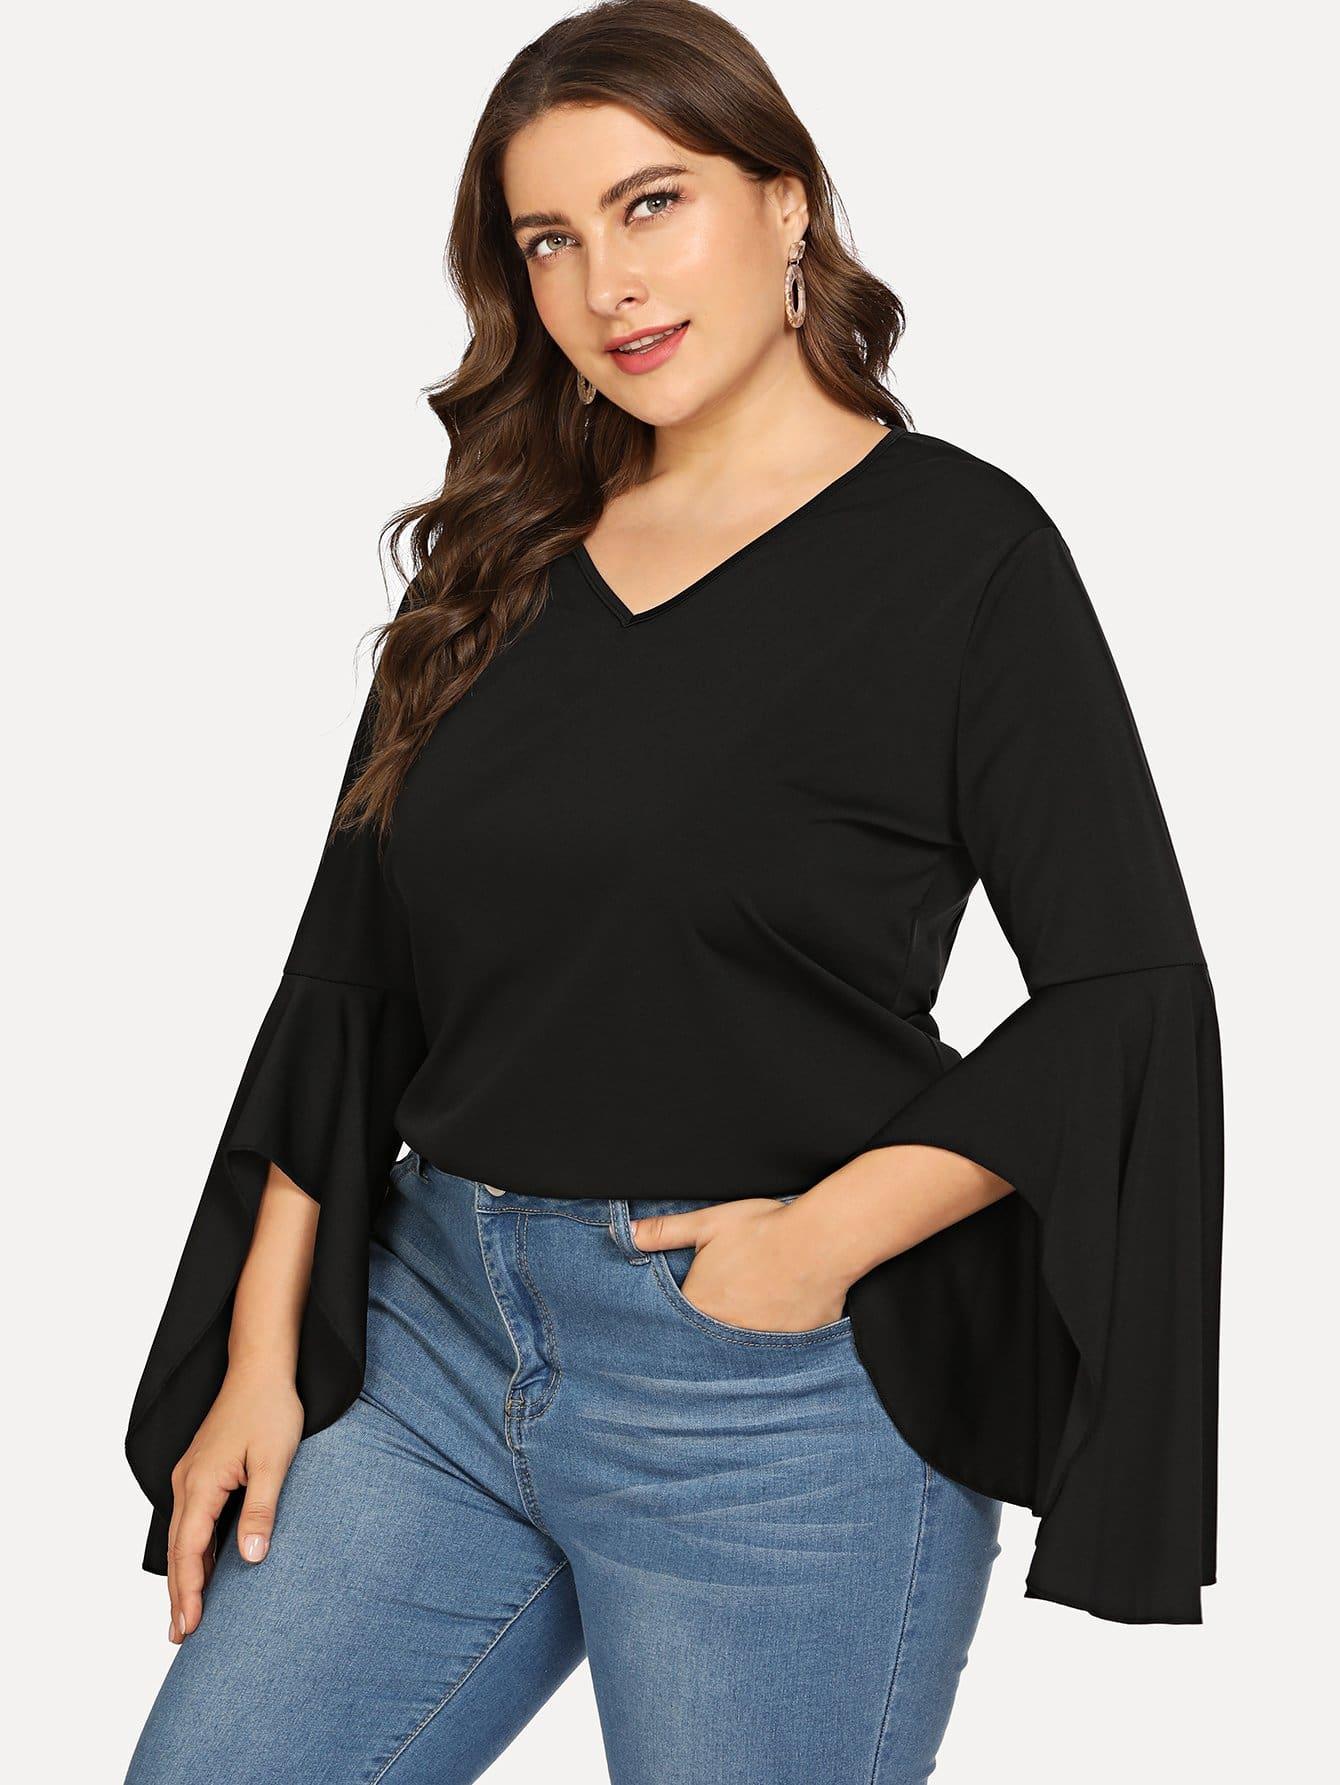 Купить Большая простая футболка и с V-образным вырезом и рукава с розеткой, Franziska, SheIn